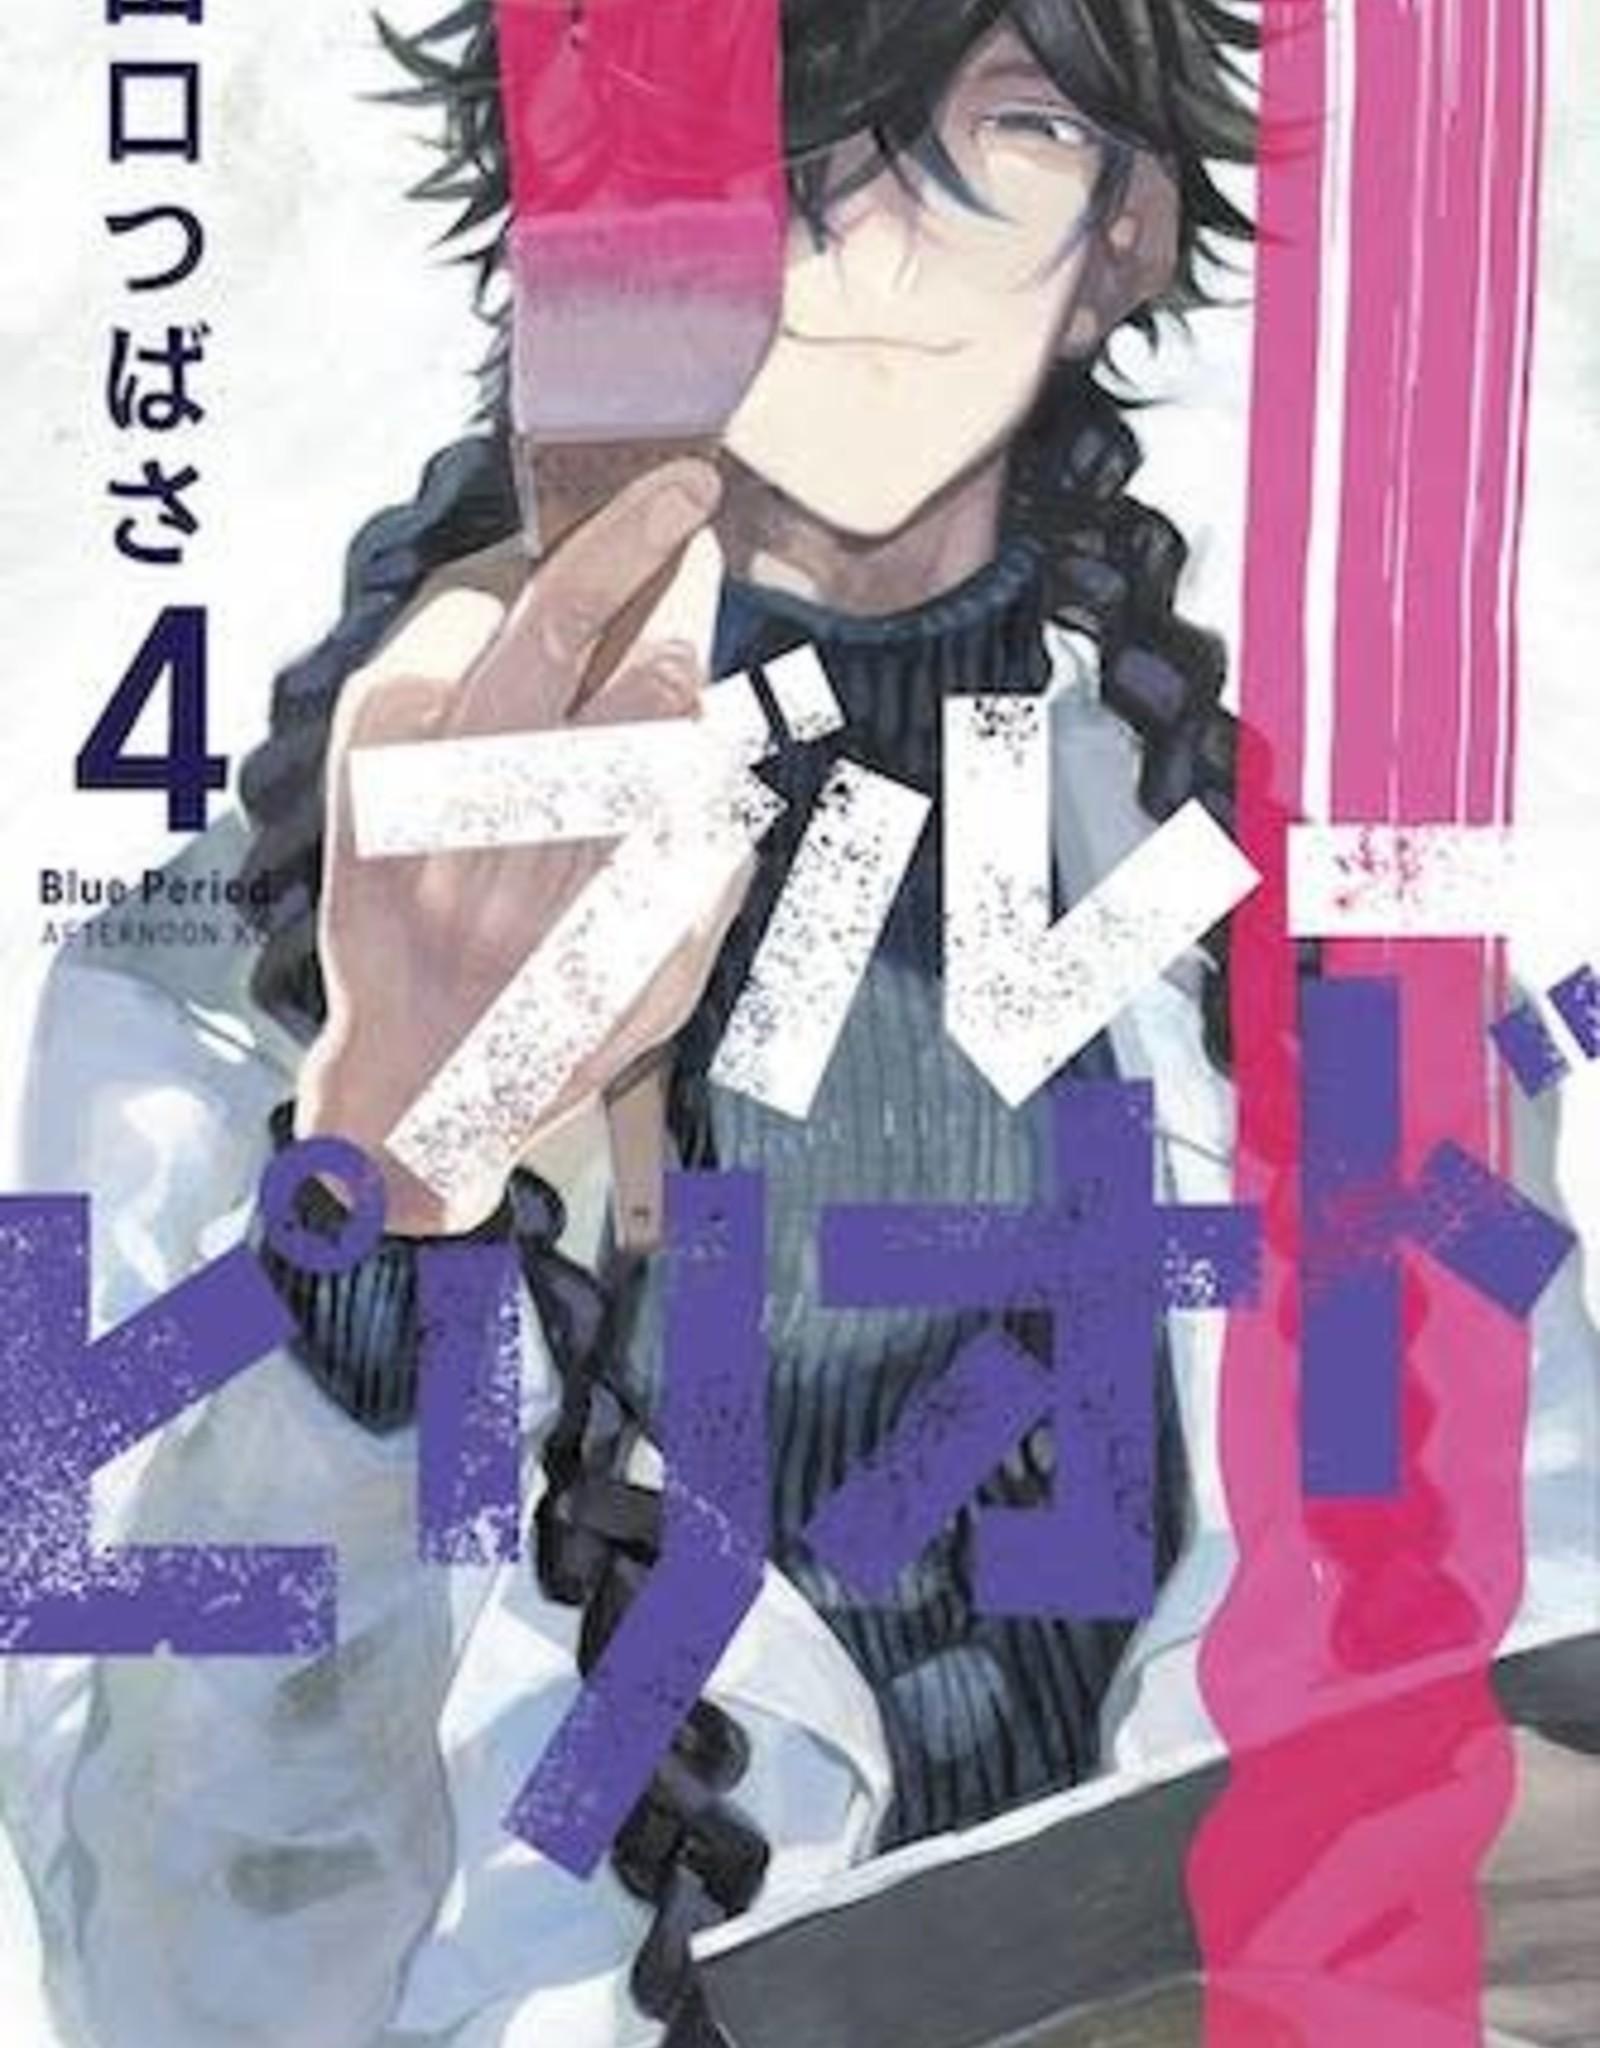 Kodansha Comics Blue Period Gn Vol 04